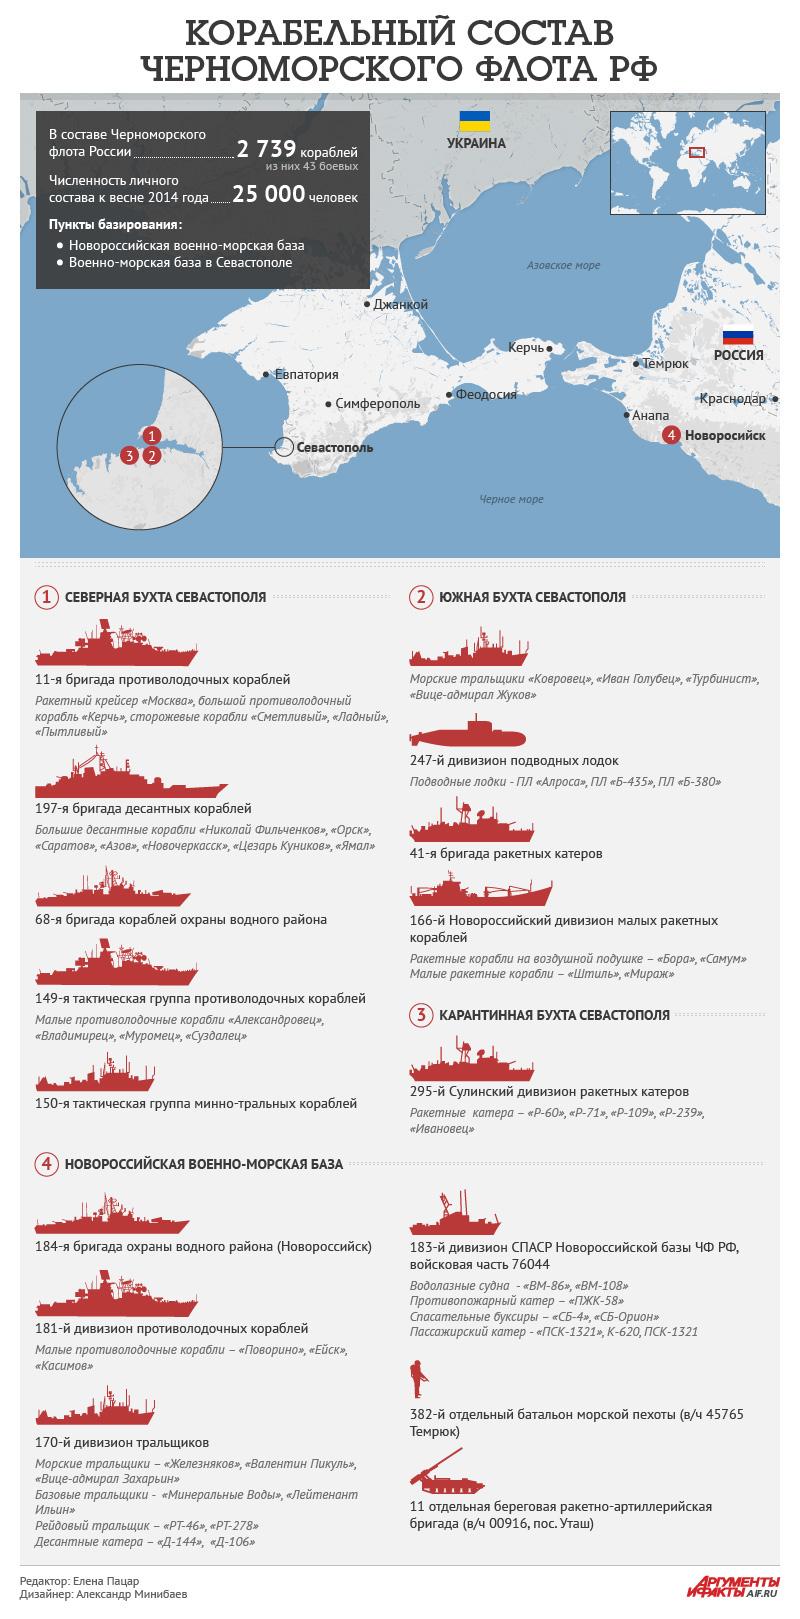 вмф россии количество подводных лодок